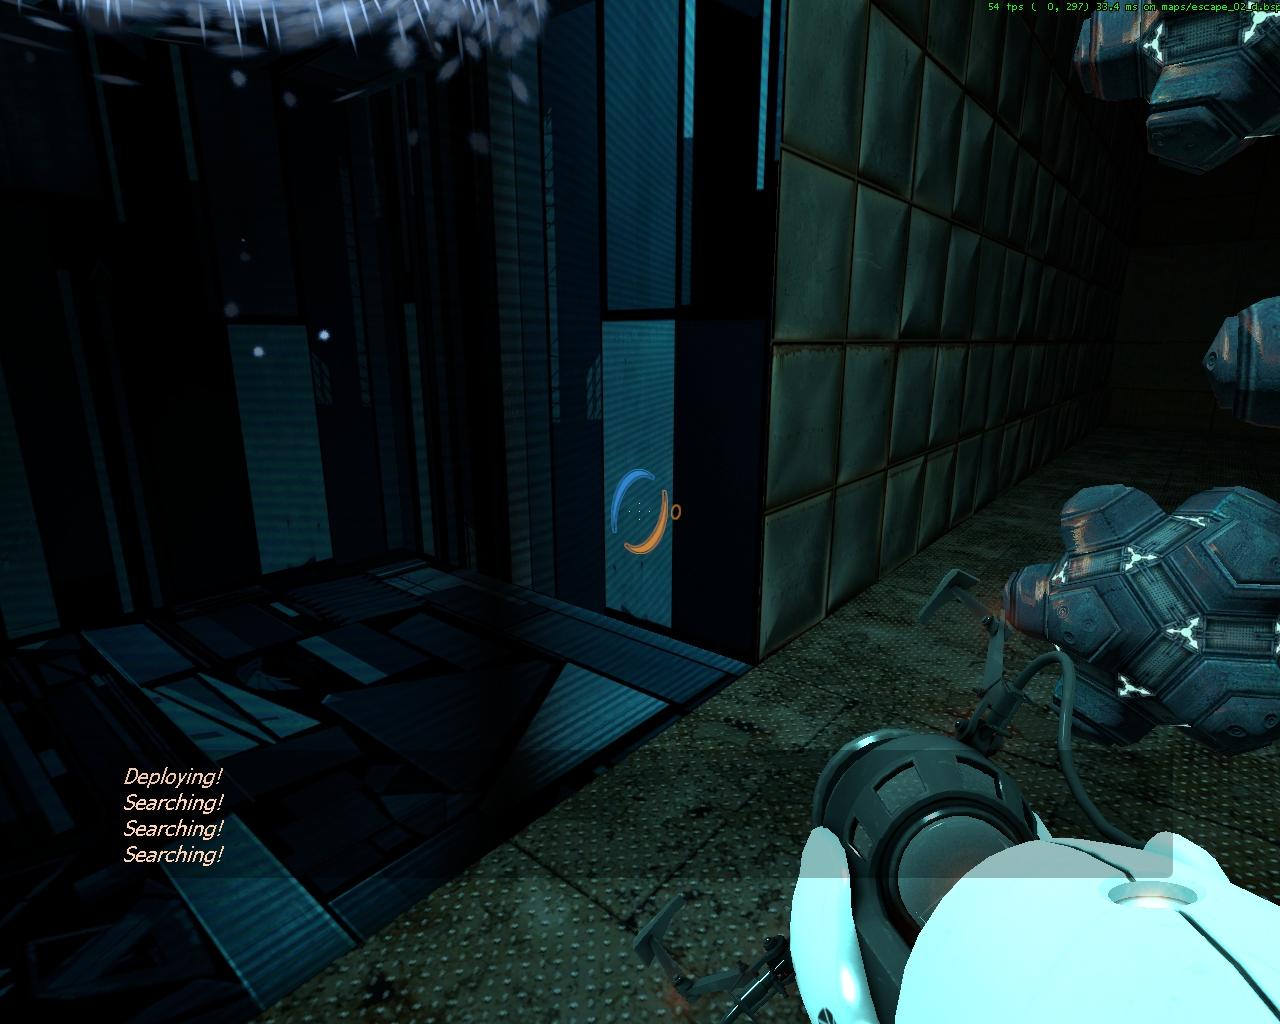 escape_02_d0068.jpg - Portal escape_02_d, Portal 2006, Portal Beta